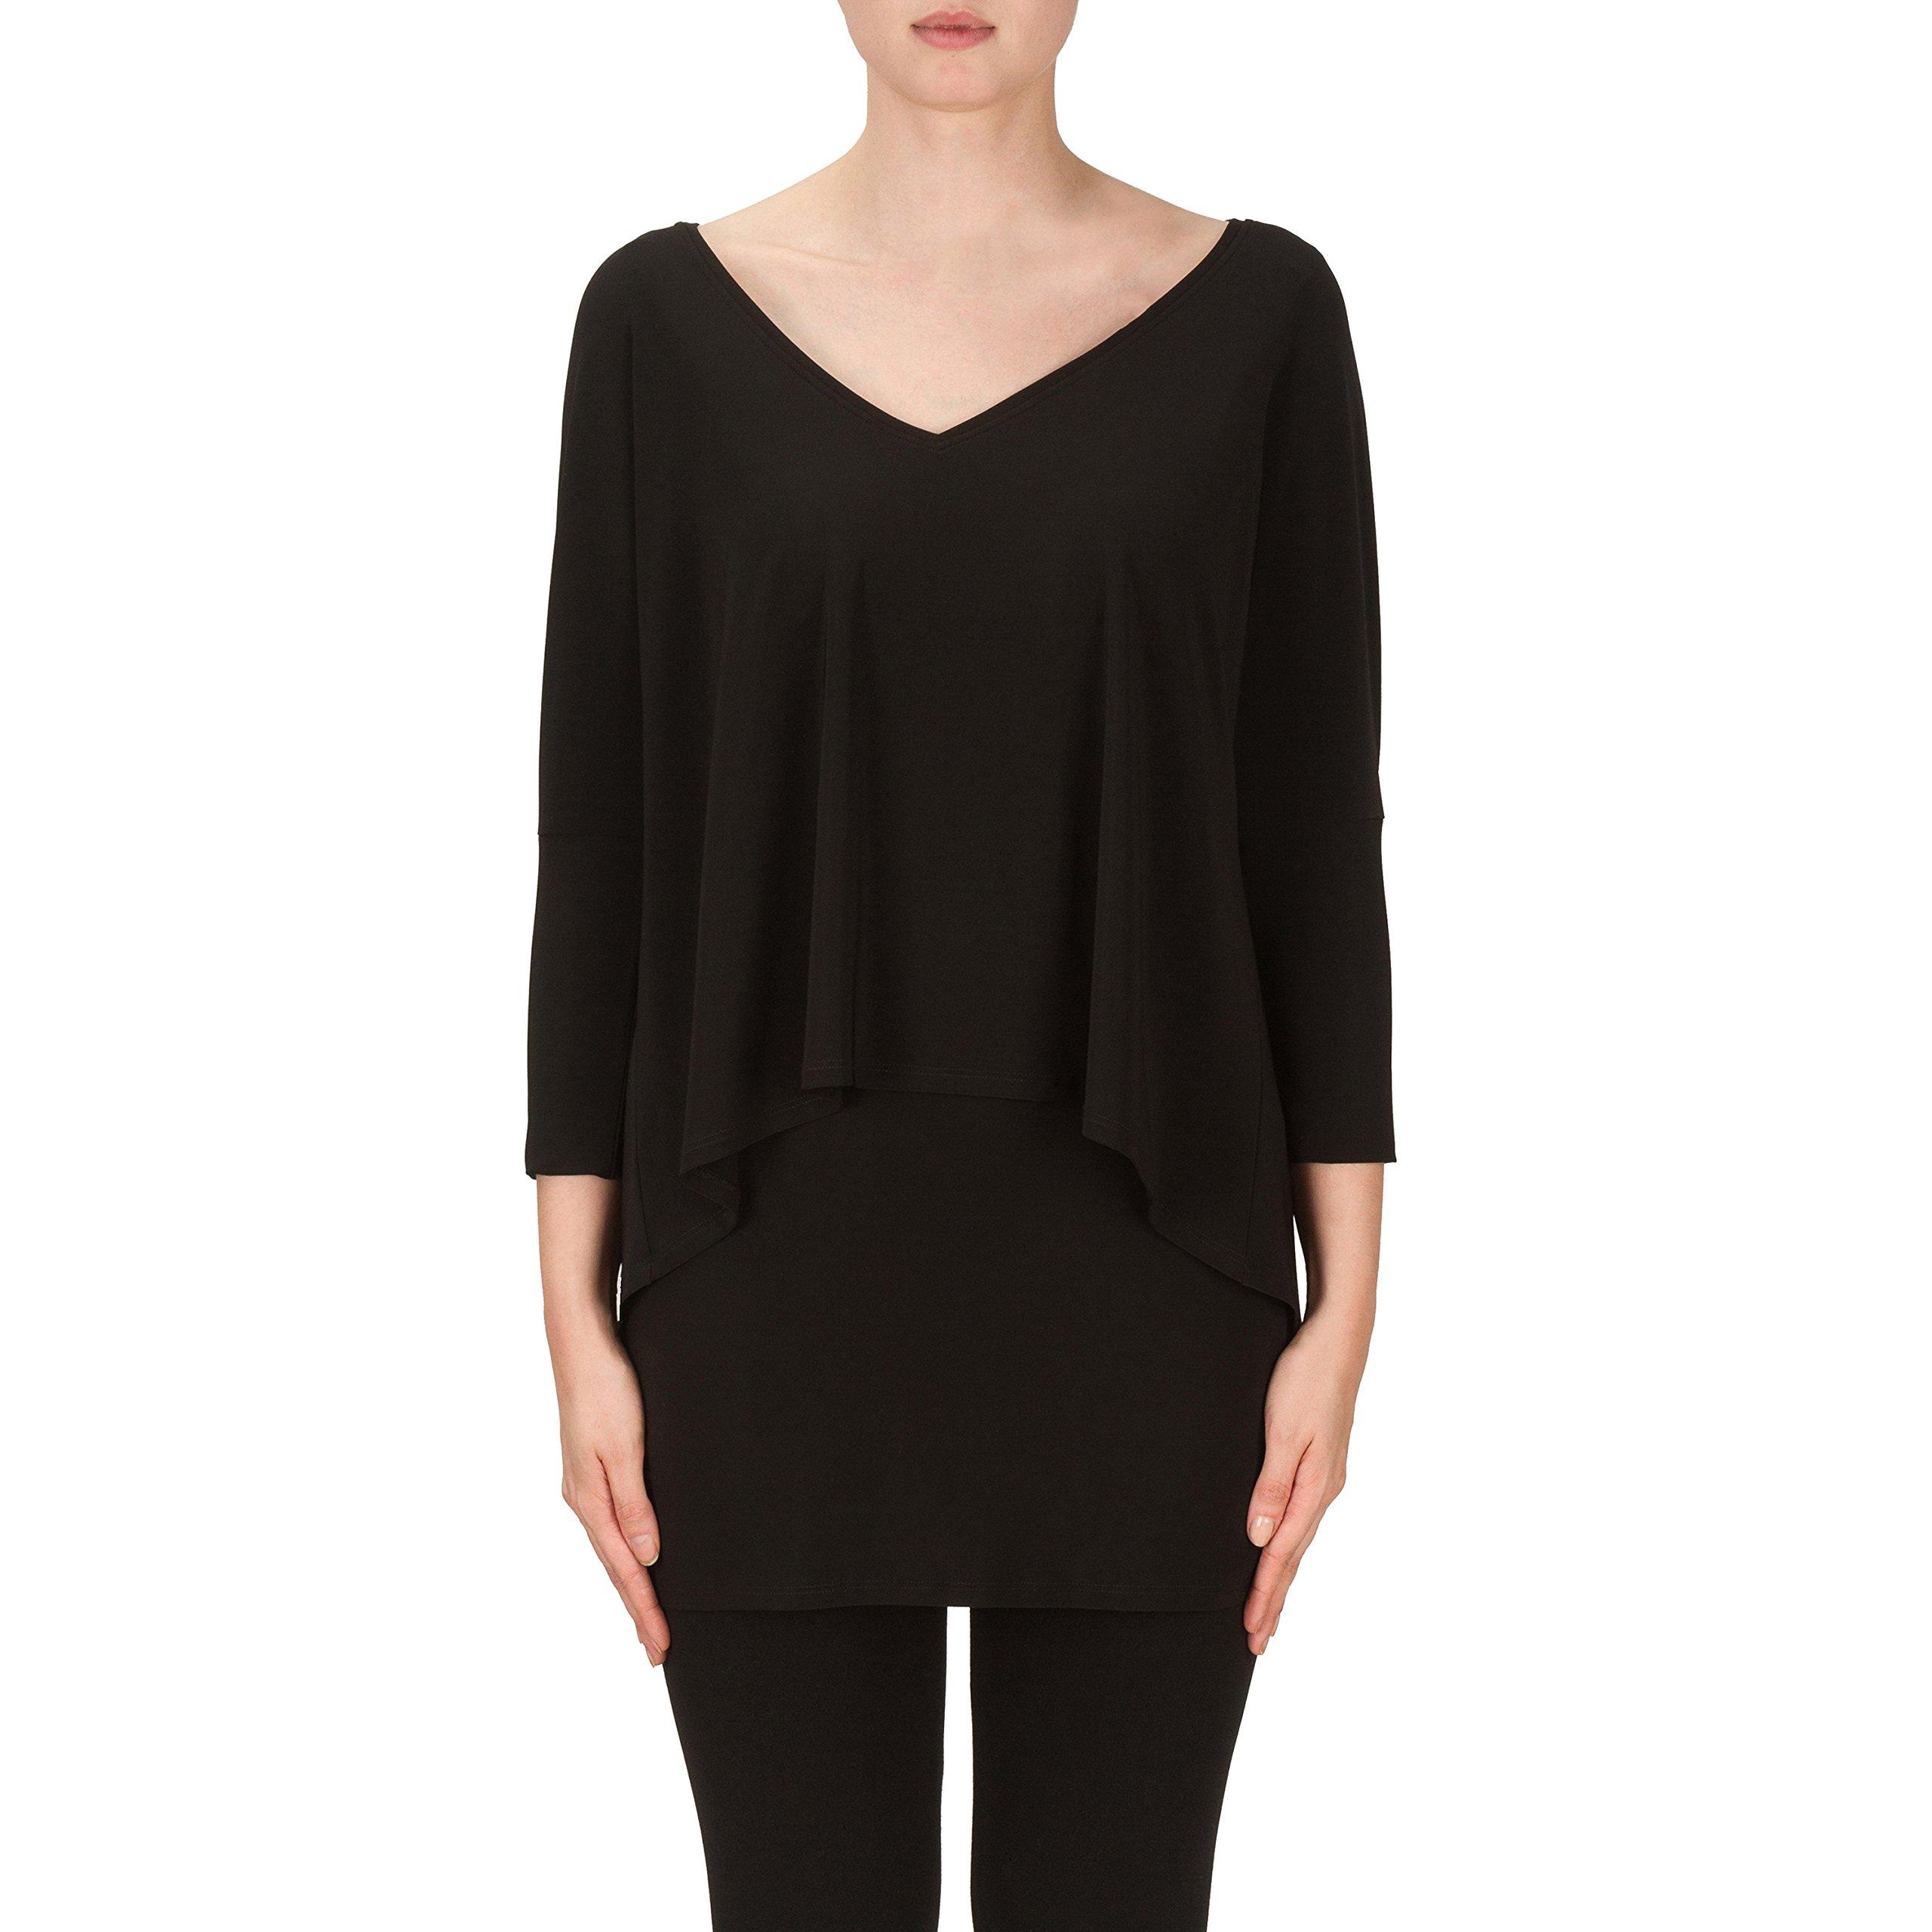 Joseph Ribkoff Black Multi Layer Tunic Top Style 171056 - Size 12